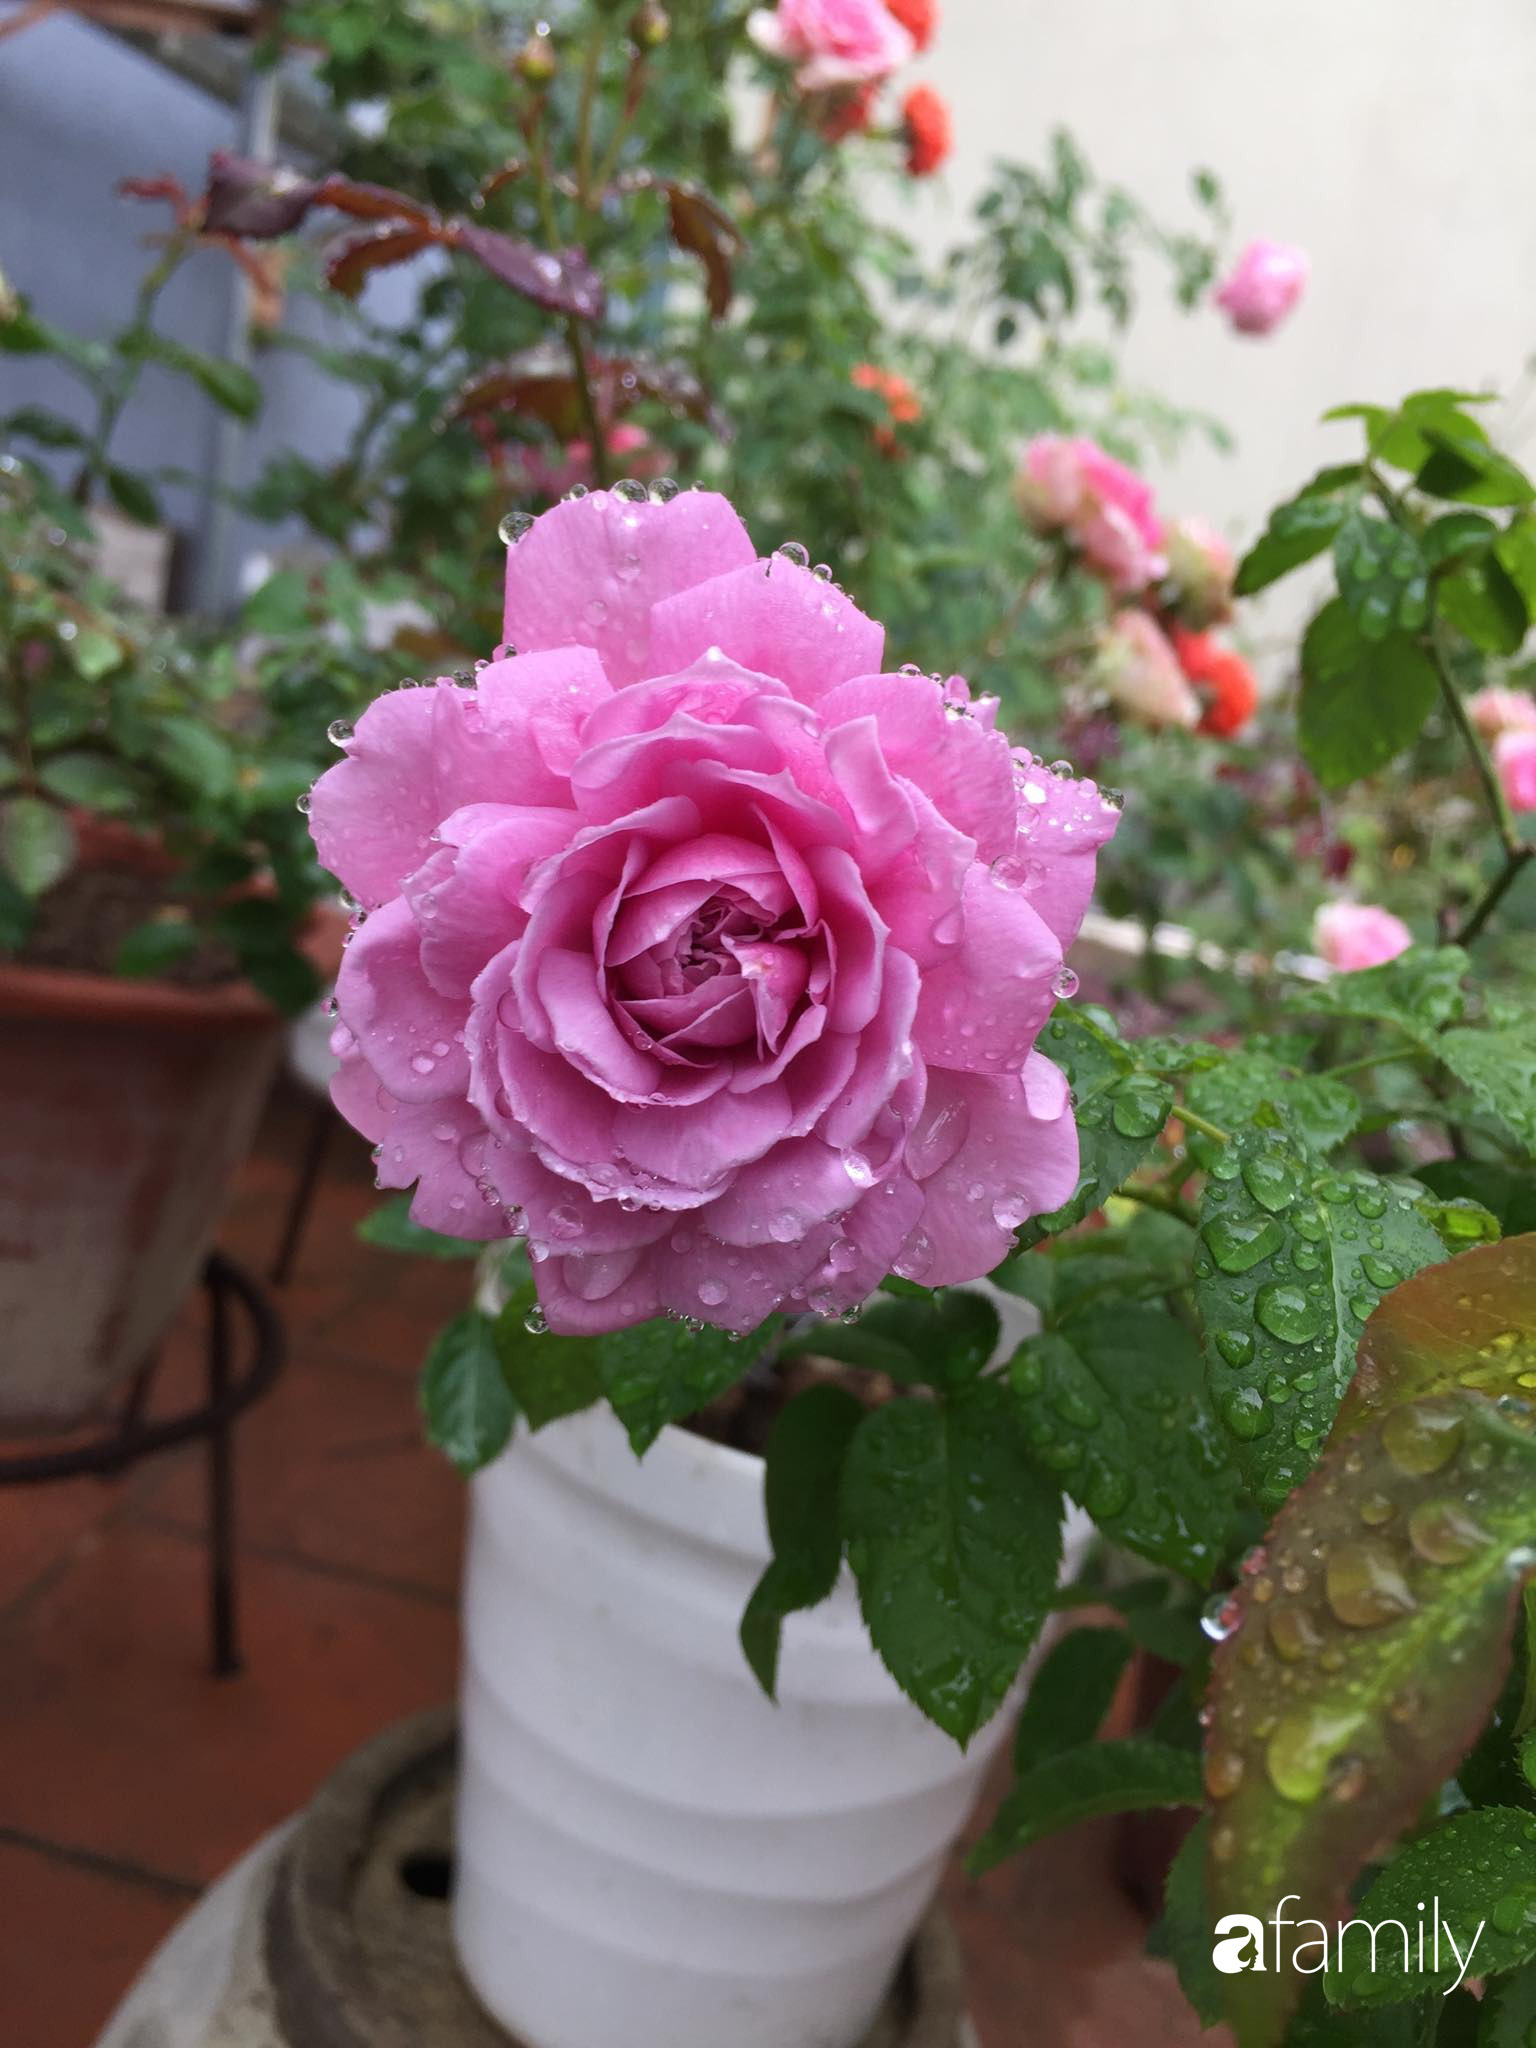 Mê hoa hồng, cô gái trẻ xứ Huế quyết tâm thức khuya dậy sớm tạo cả vườn hồng rực rỡ trên sân thượng - Ảnh 10.